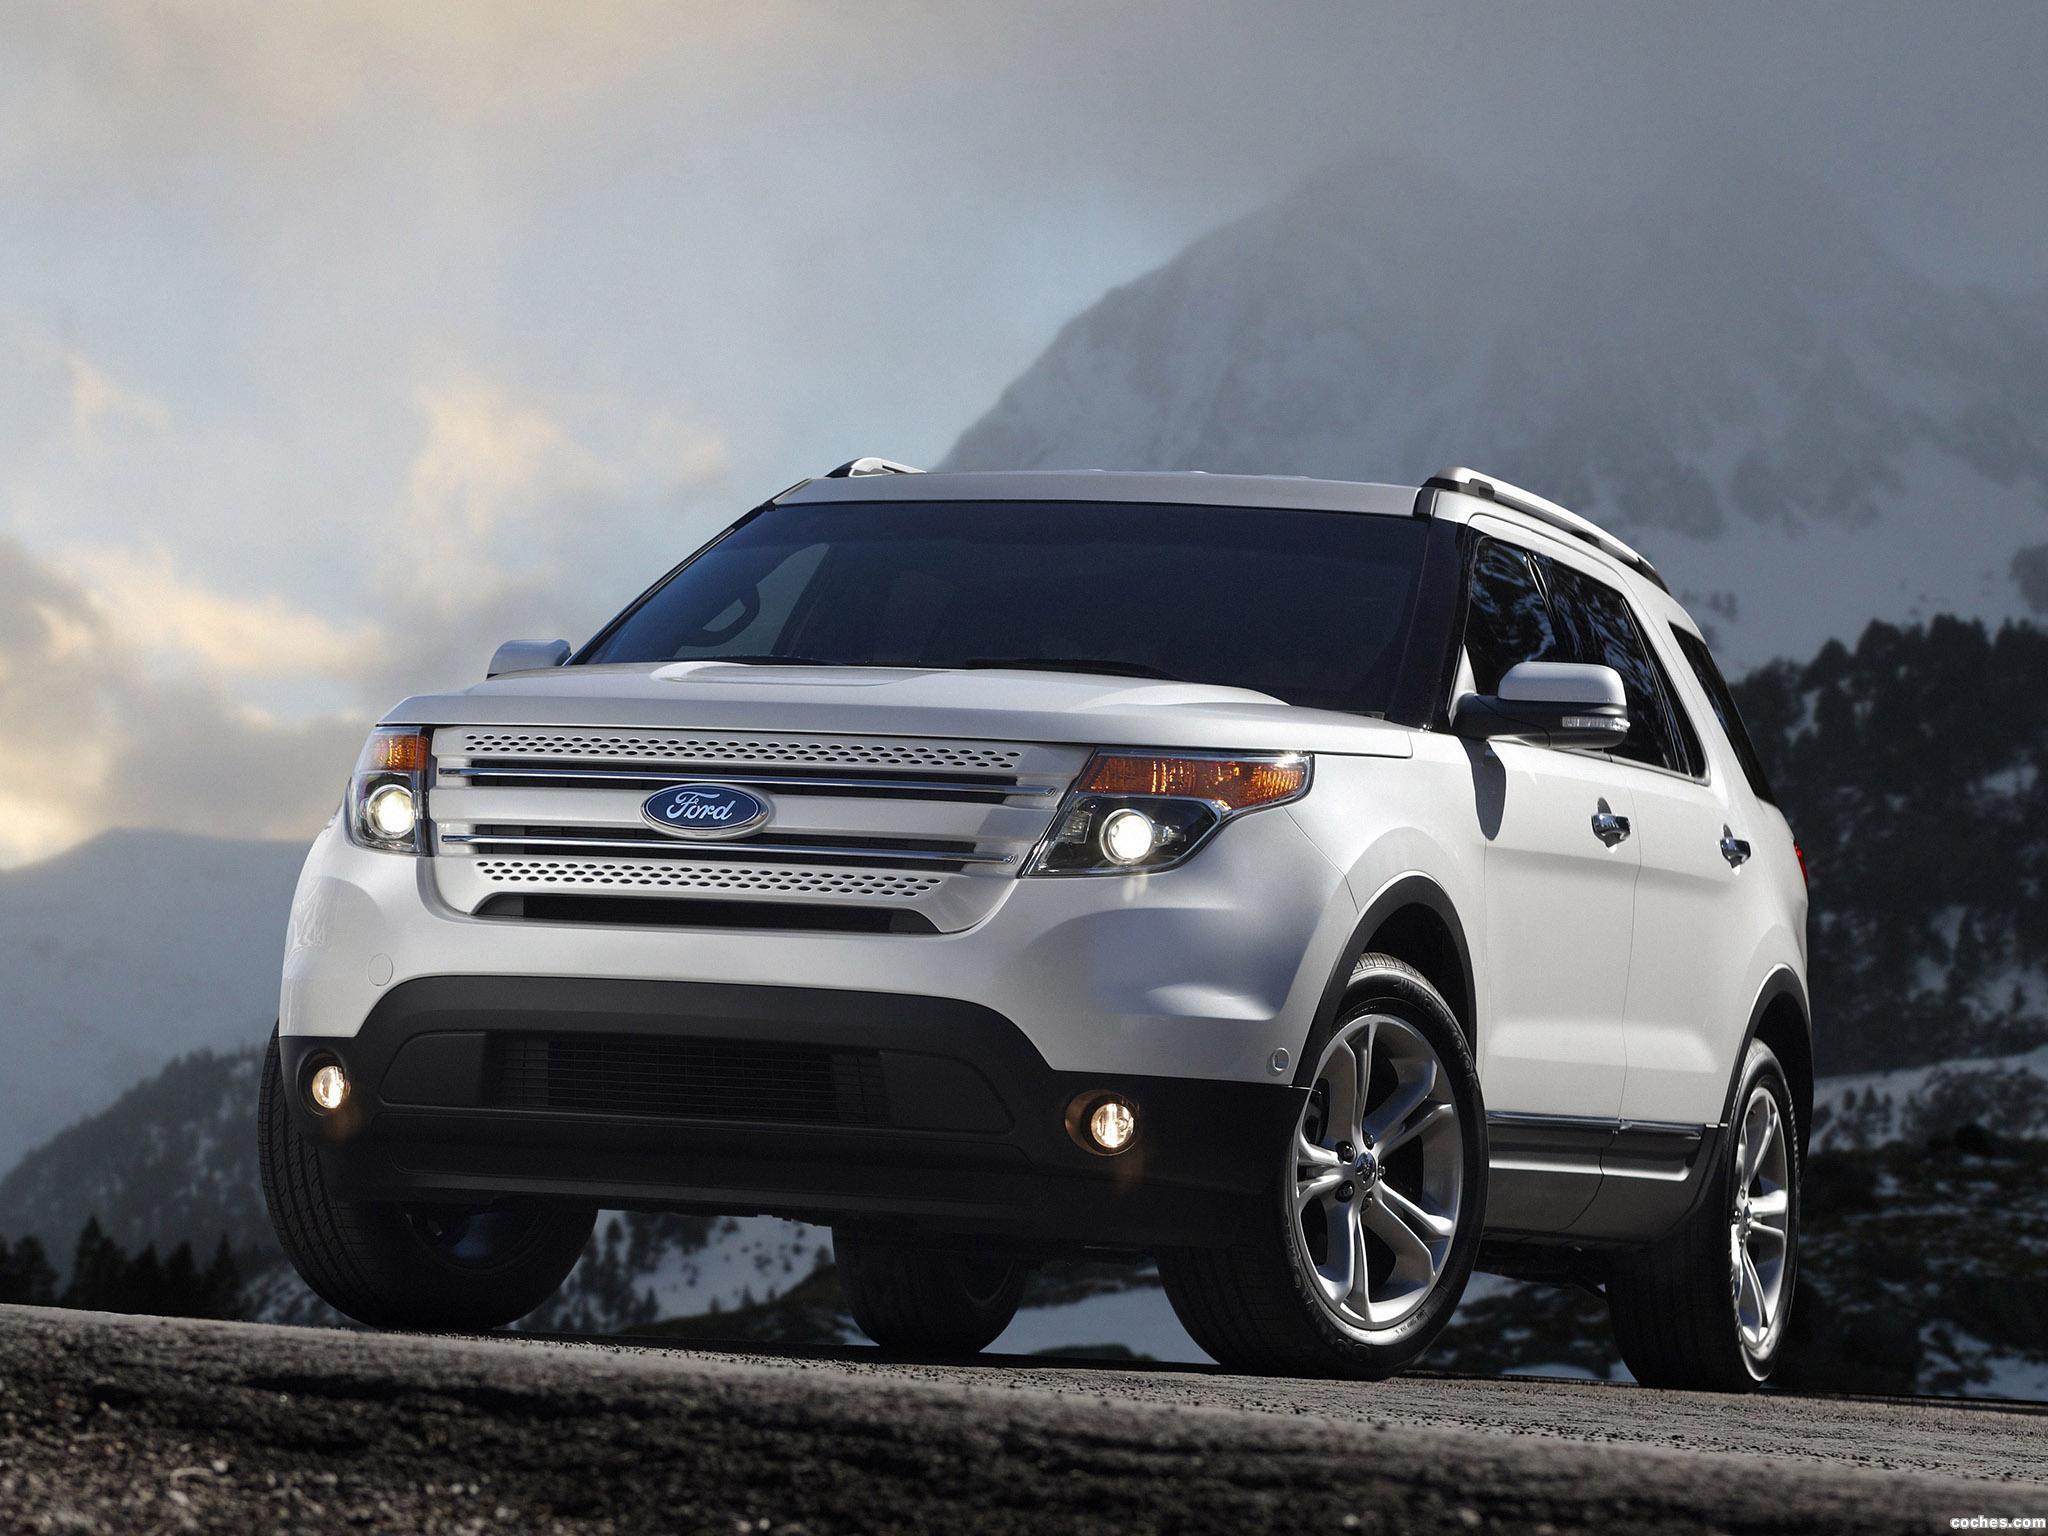 Foto 0 de Ford Explorer 2010